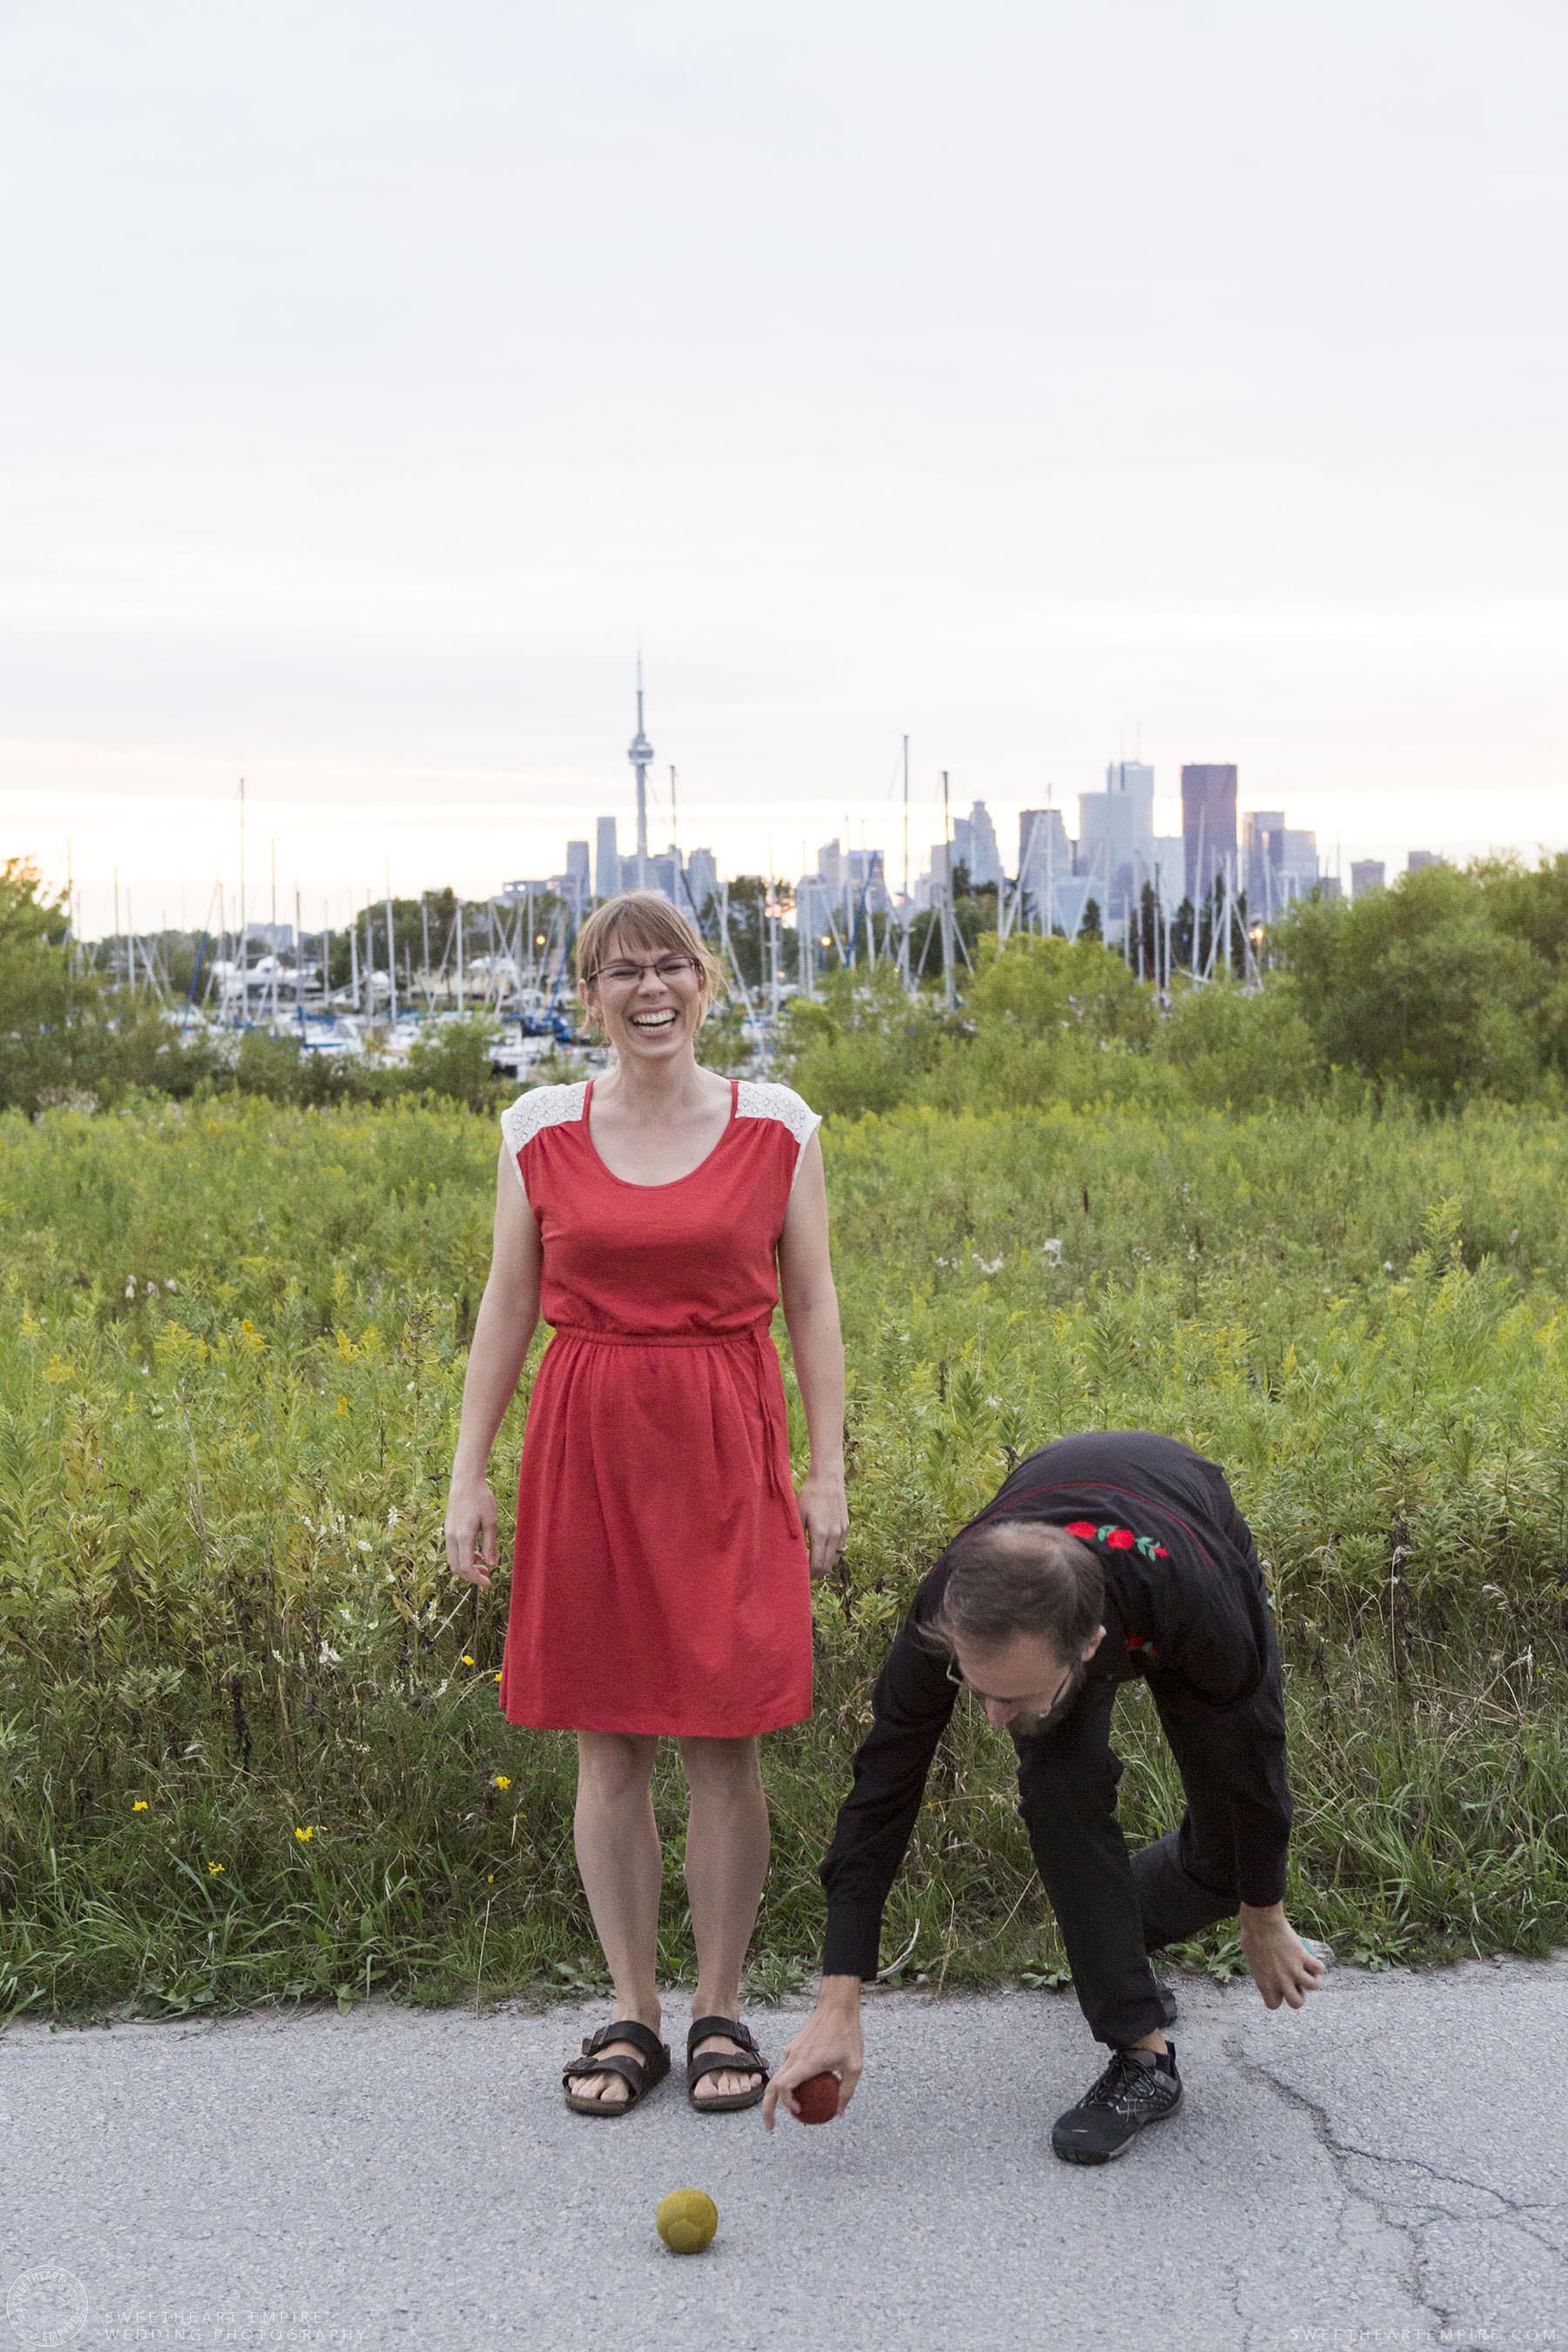 17_Juggling Fail at Leslie Sppit Toronto.jpg